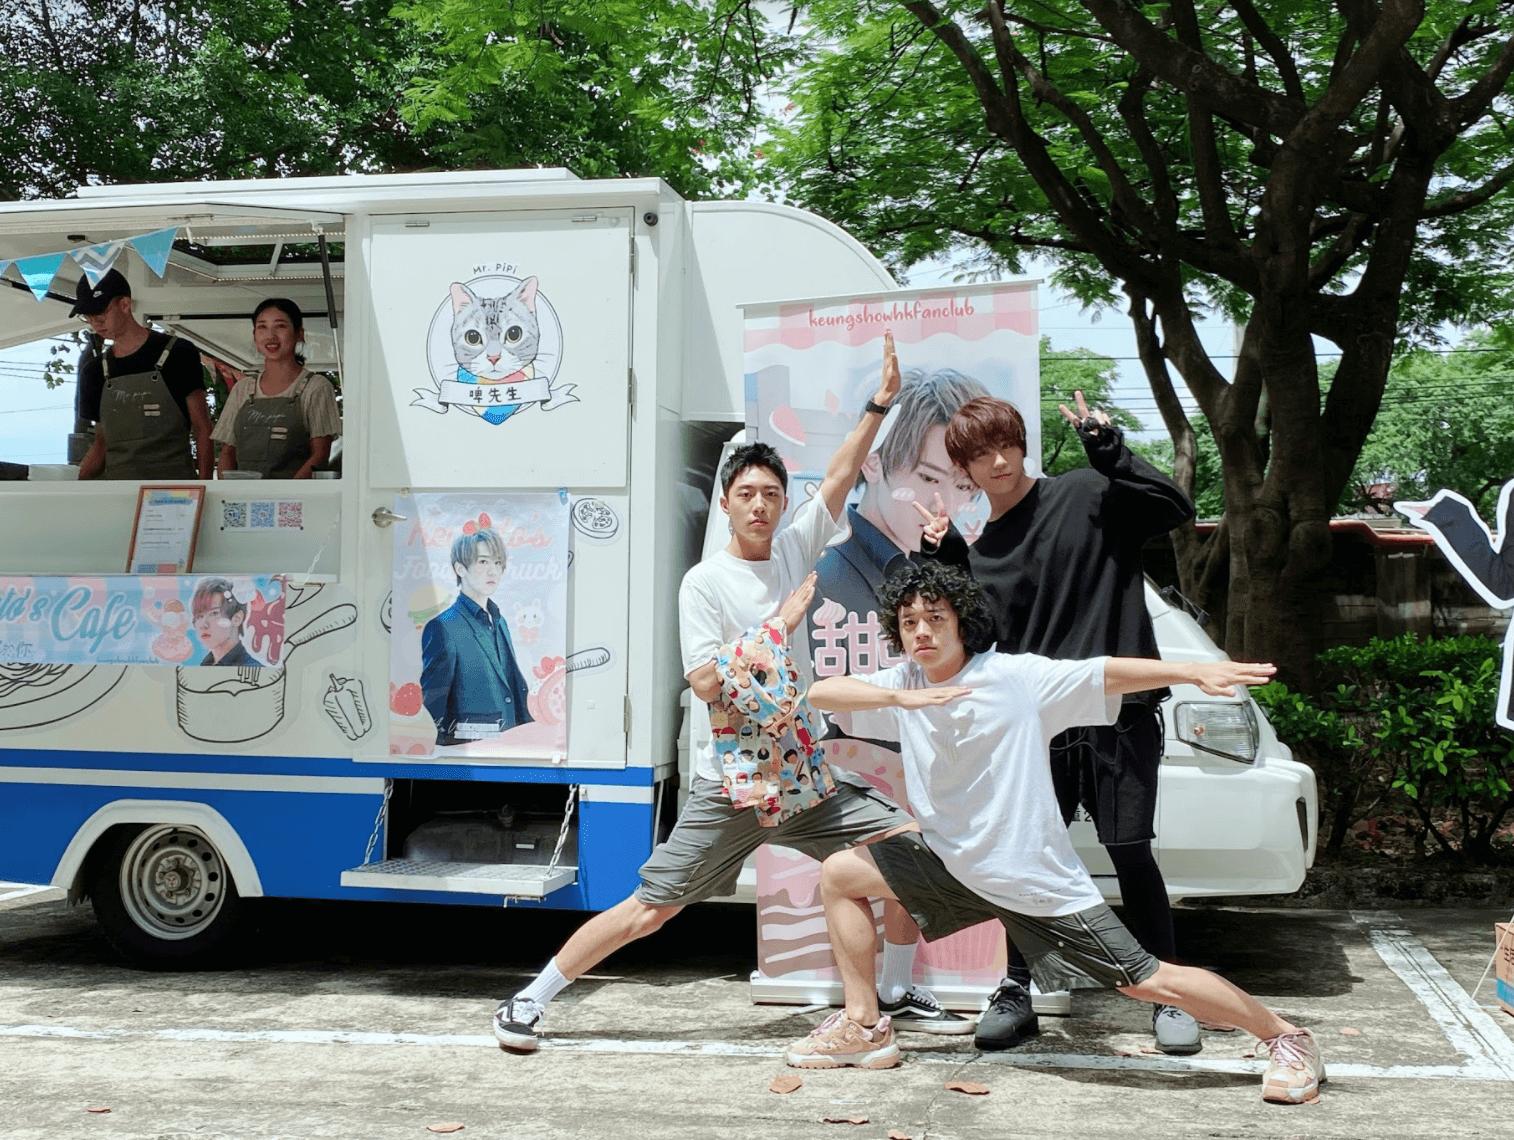 姜濤在台灣拍劇認識的新朋友和對手(左)蔡凡熙(前)洪群鈞